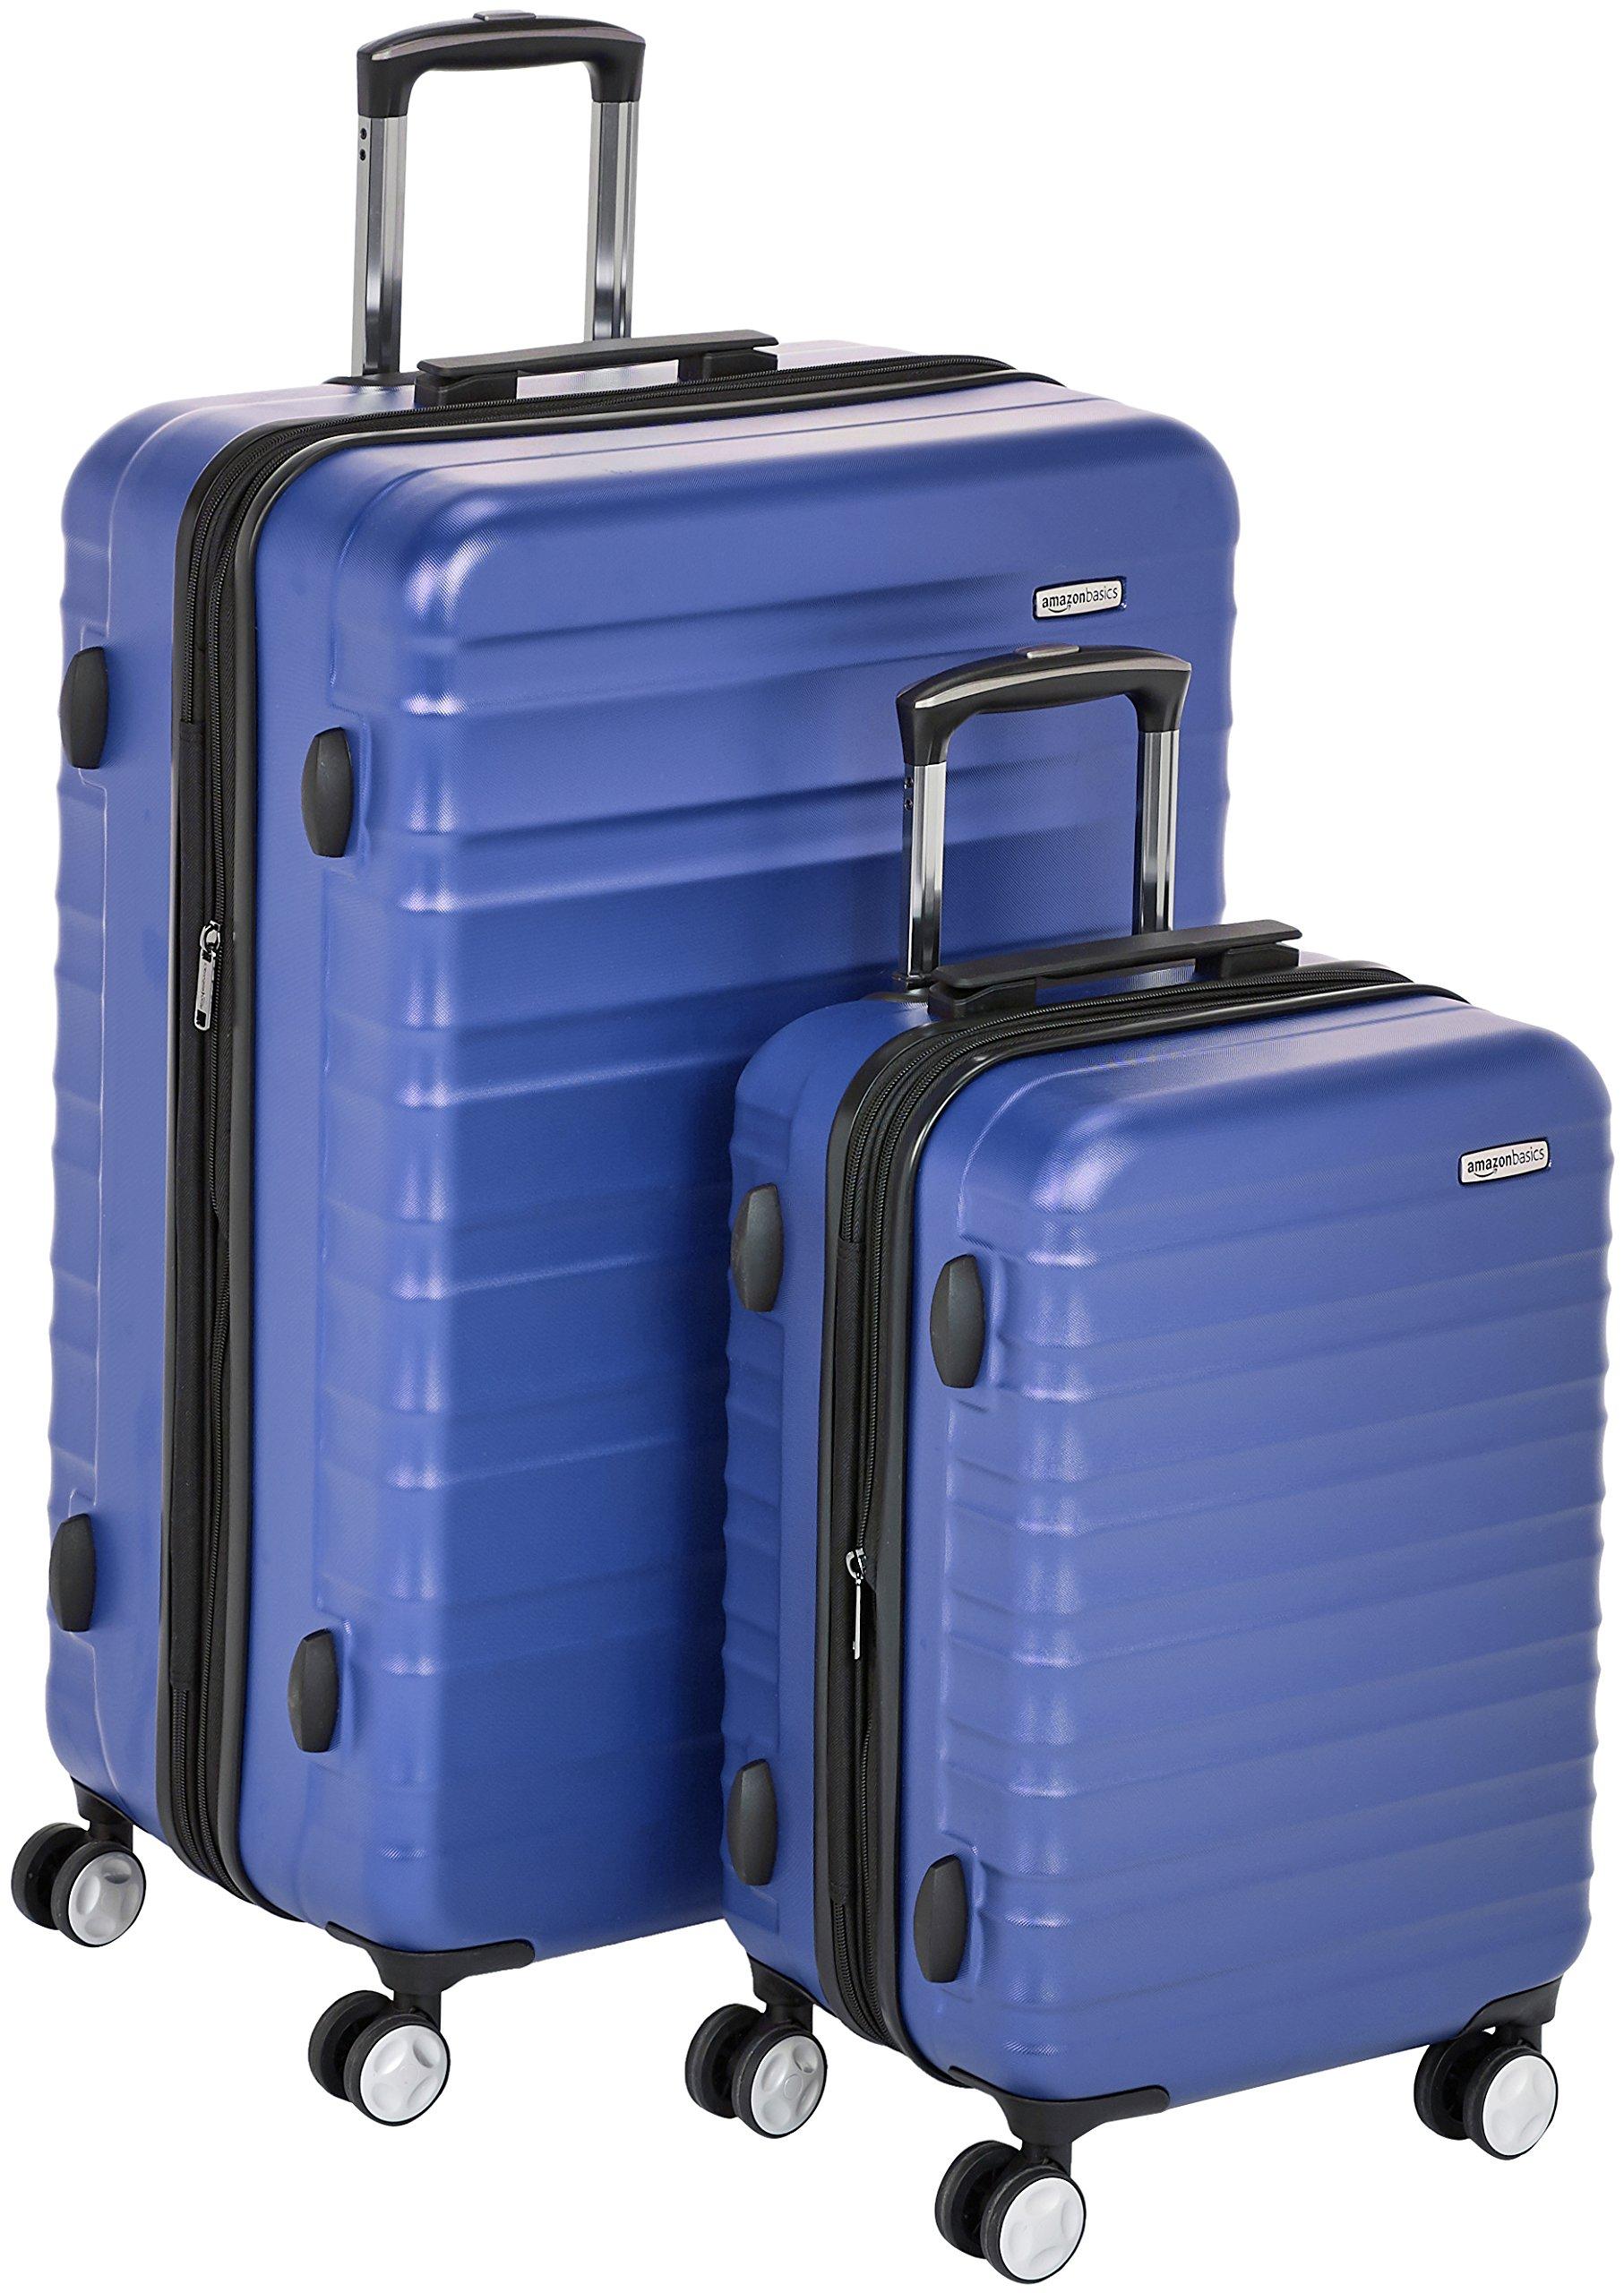 AmazonBasics-Hochwertiger-Hartschalen-Trolley-mit-Schwenkrollen-und-eingebautem-TSA-Schloss